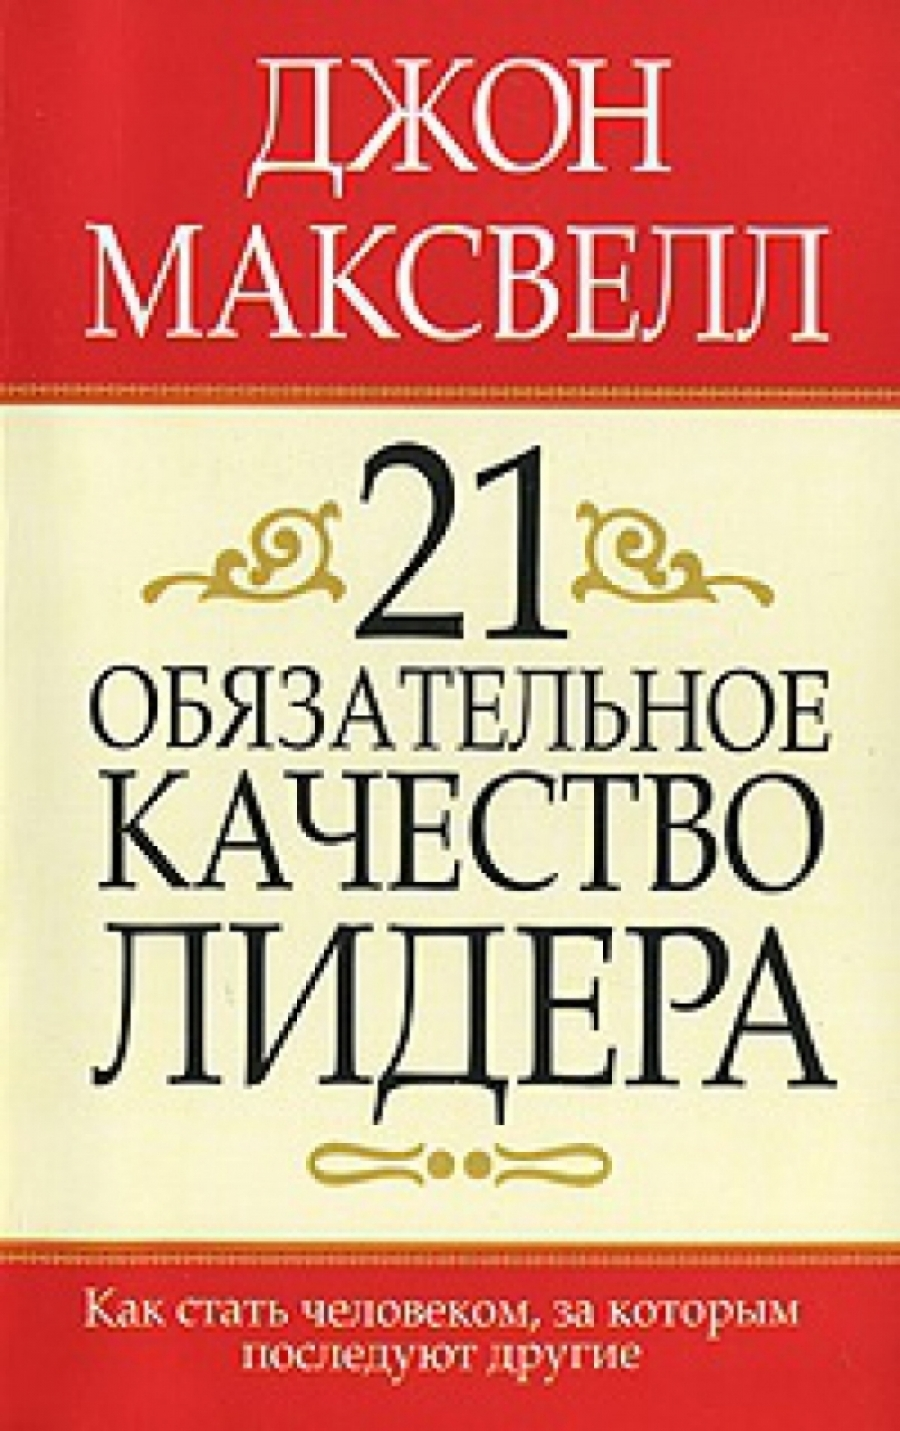 Обложка книги:  максвелл д. - как превратить неудачи в ступени к успеху